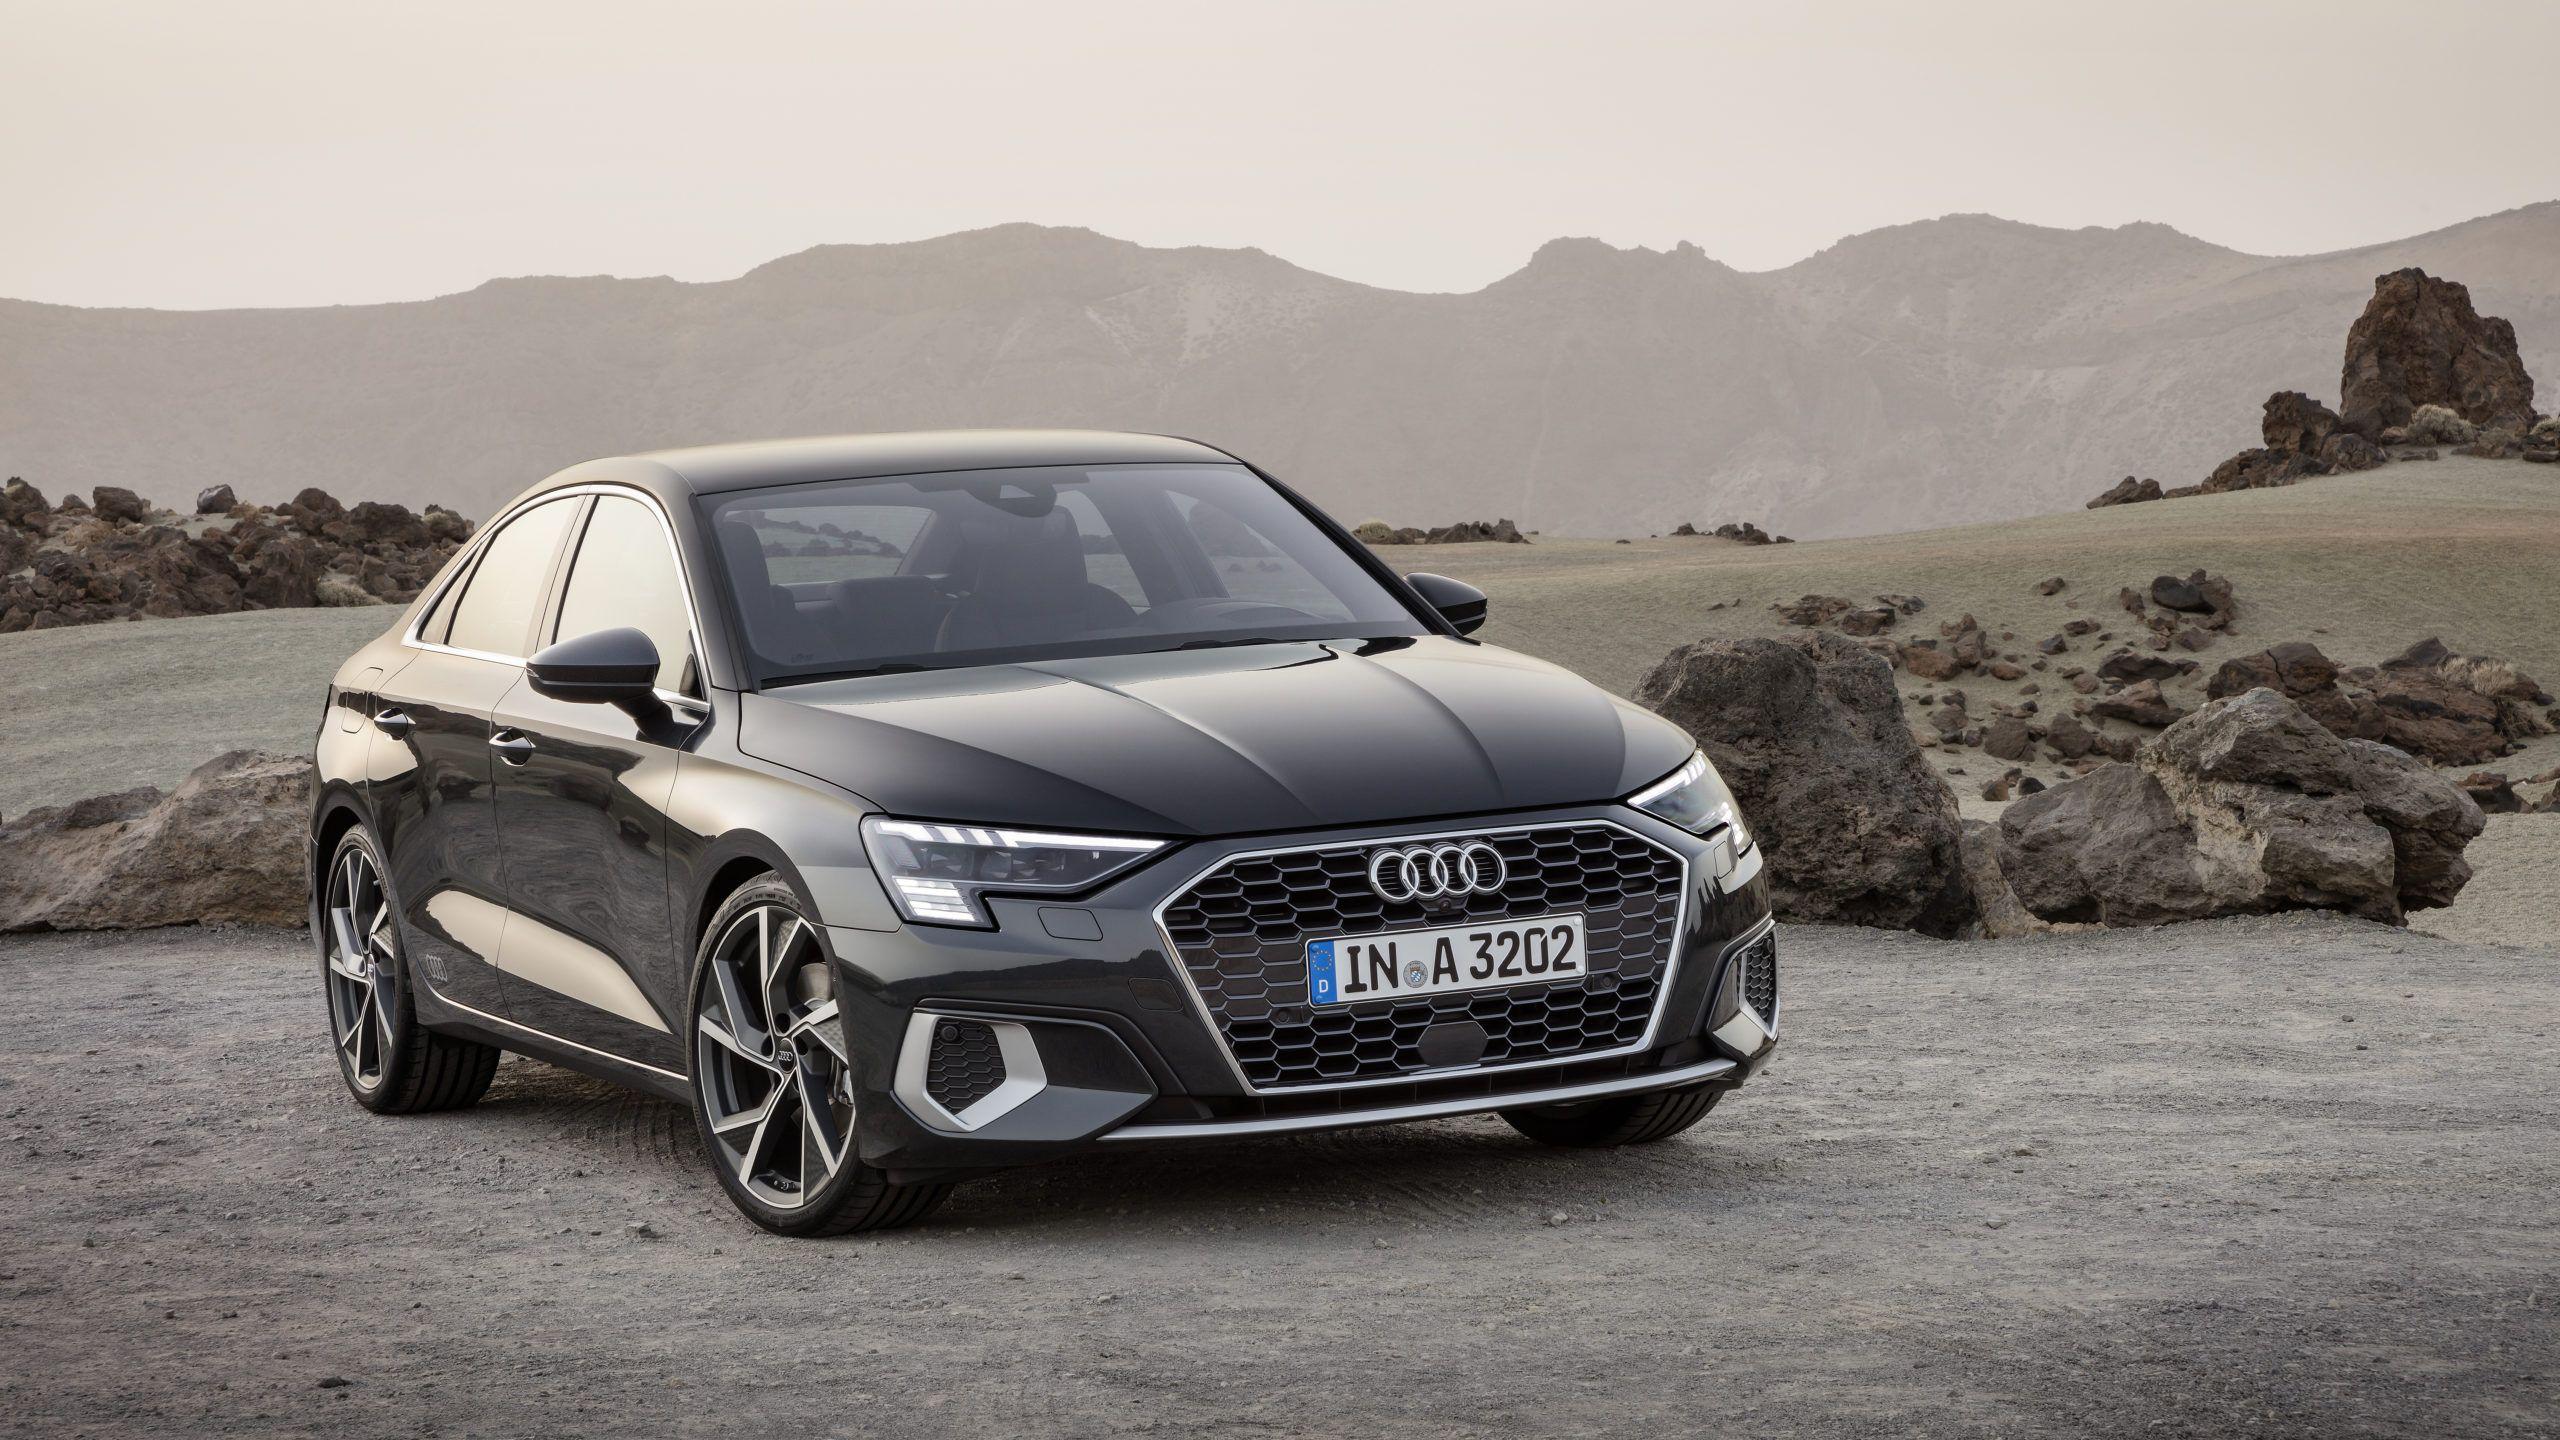 Audi A3 Berline Nouvelle Tricorps Tres Attractive En 2020 Audi A3 Audi Rs3 Audi A3 Sportback